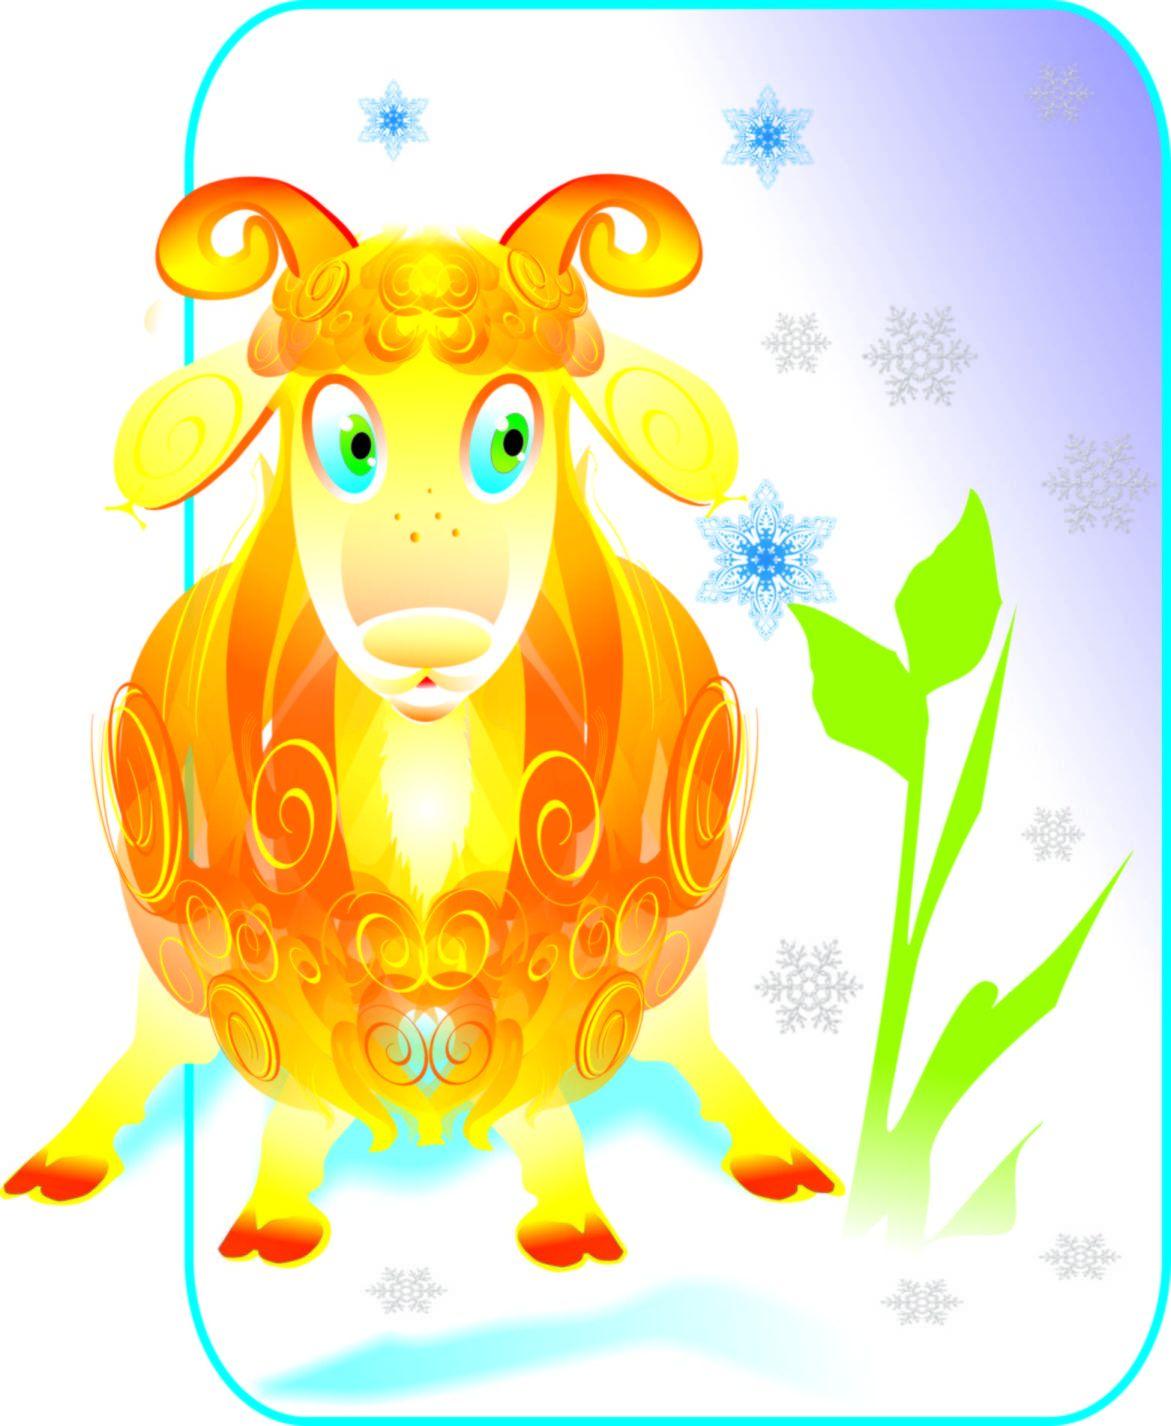 Иллюстрация персонажа - дизайнер sergeypen